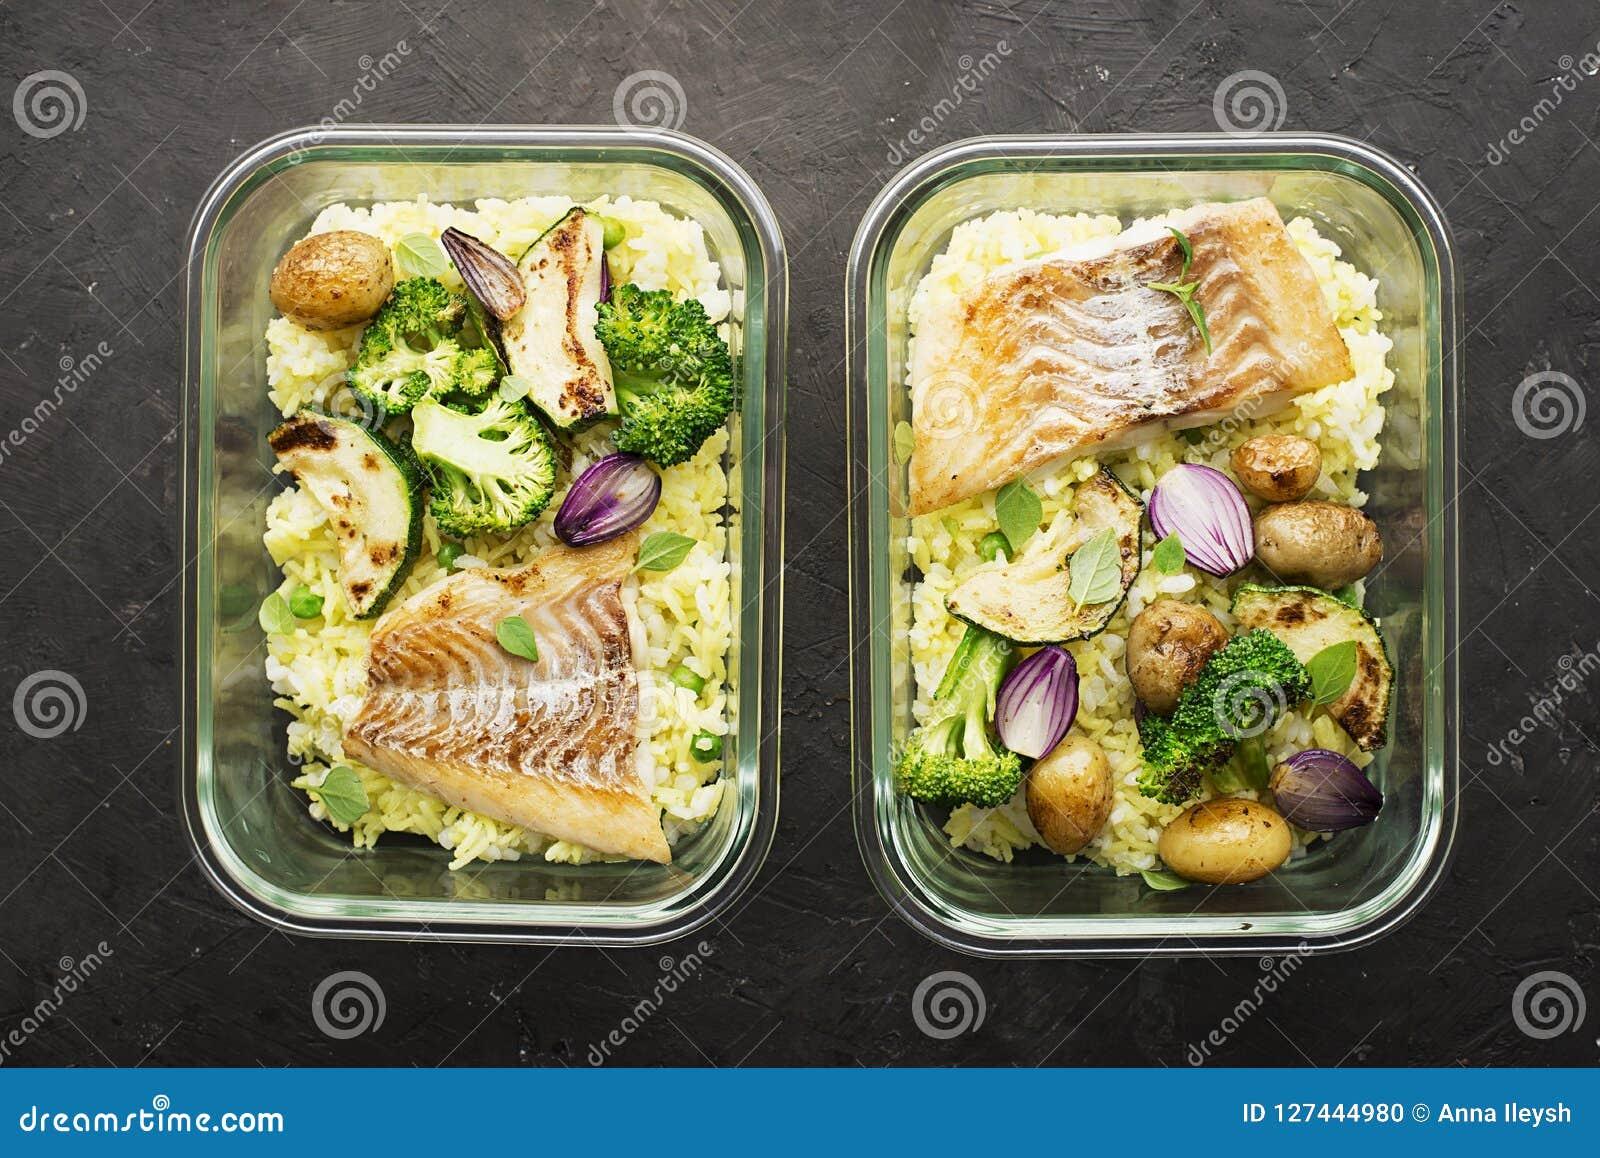 Здоровая еда для закуски коробка для завтрака Стеклянные тары с свежими рыбами моря пара, рисом с турмерином, свежим